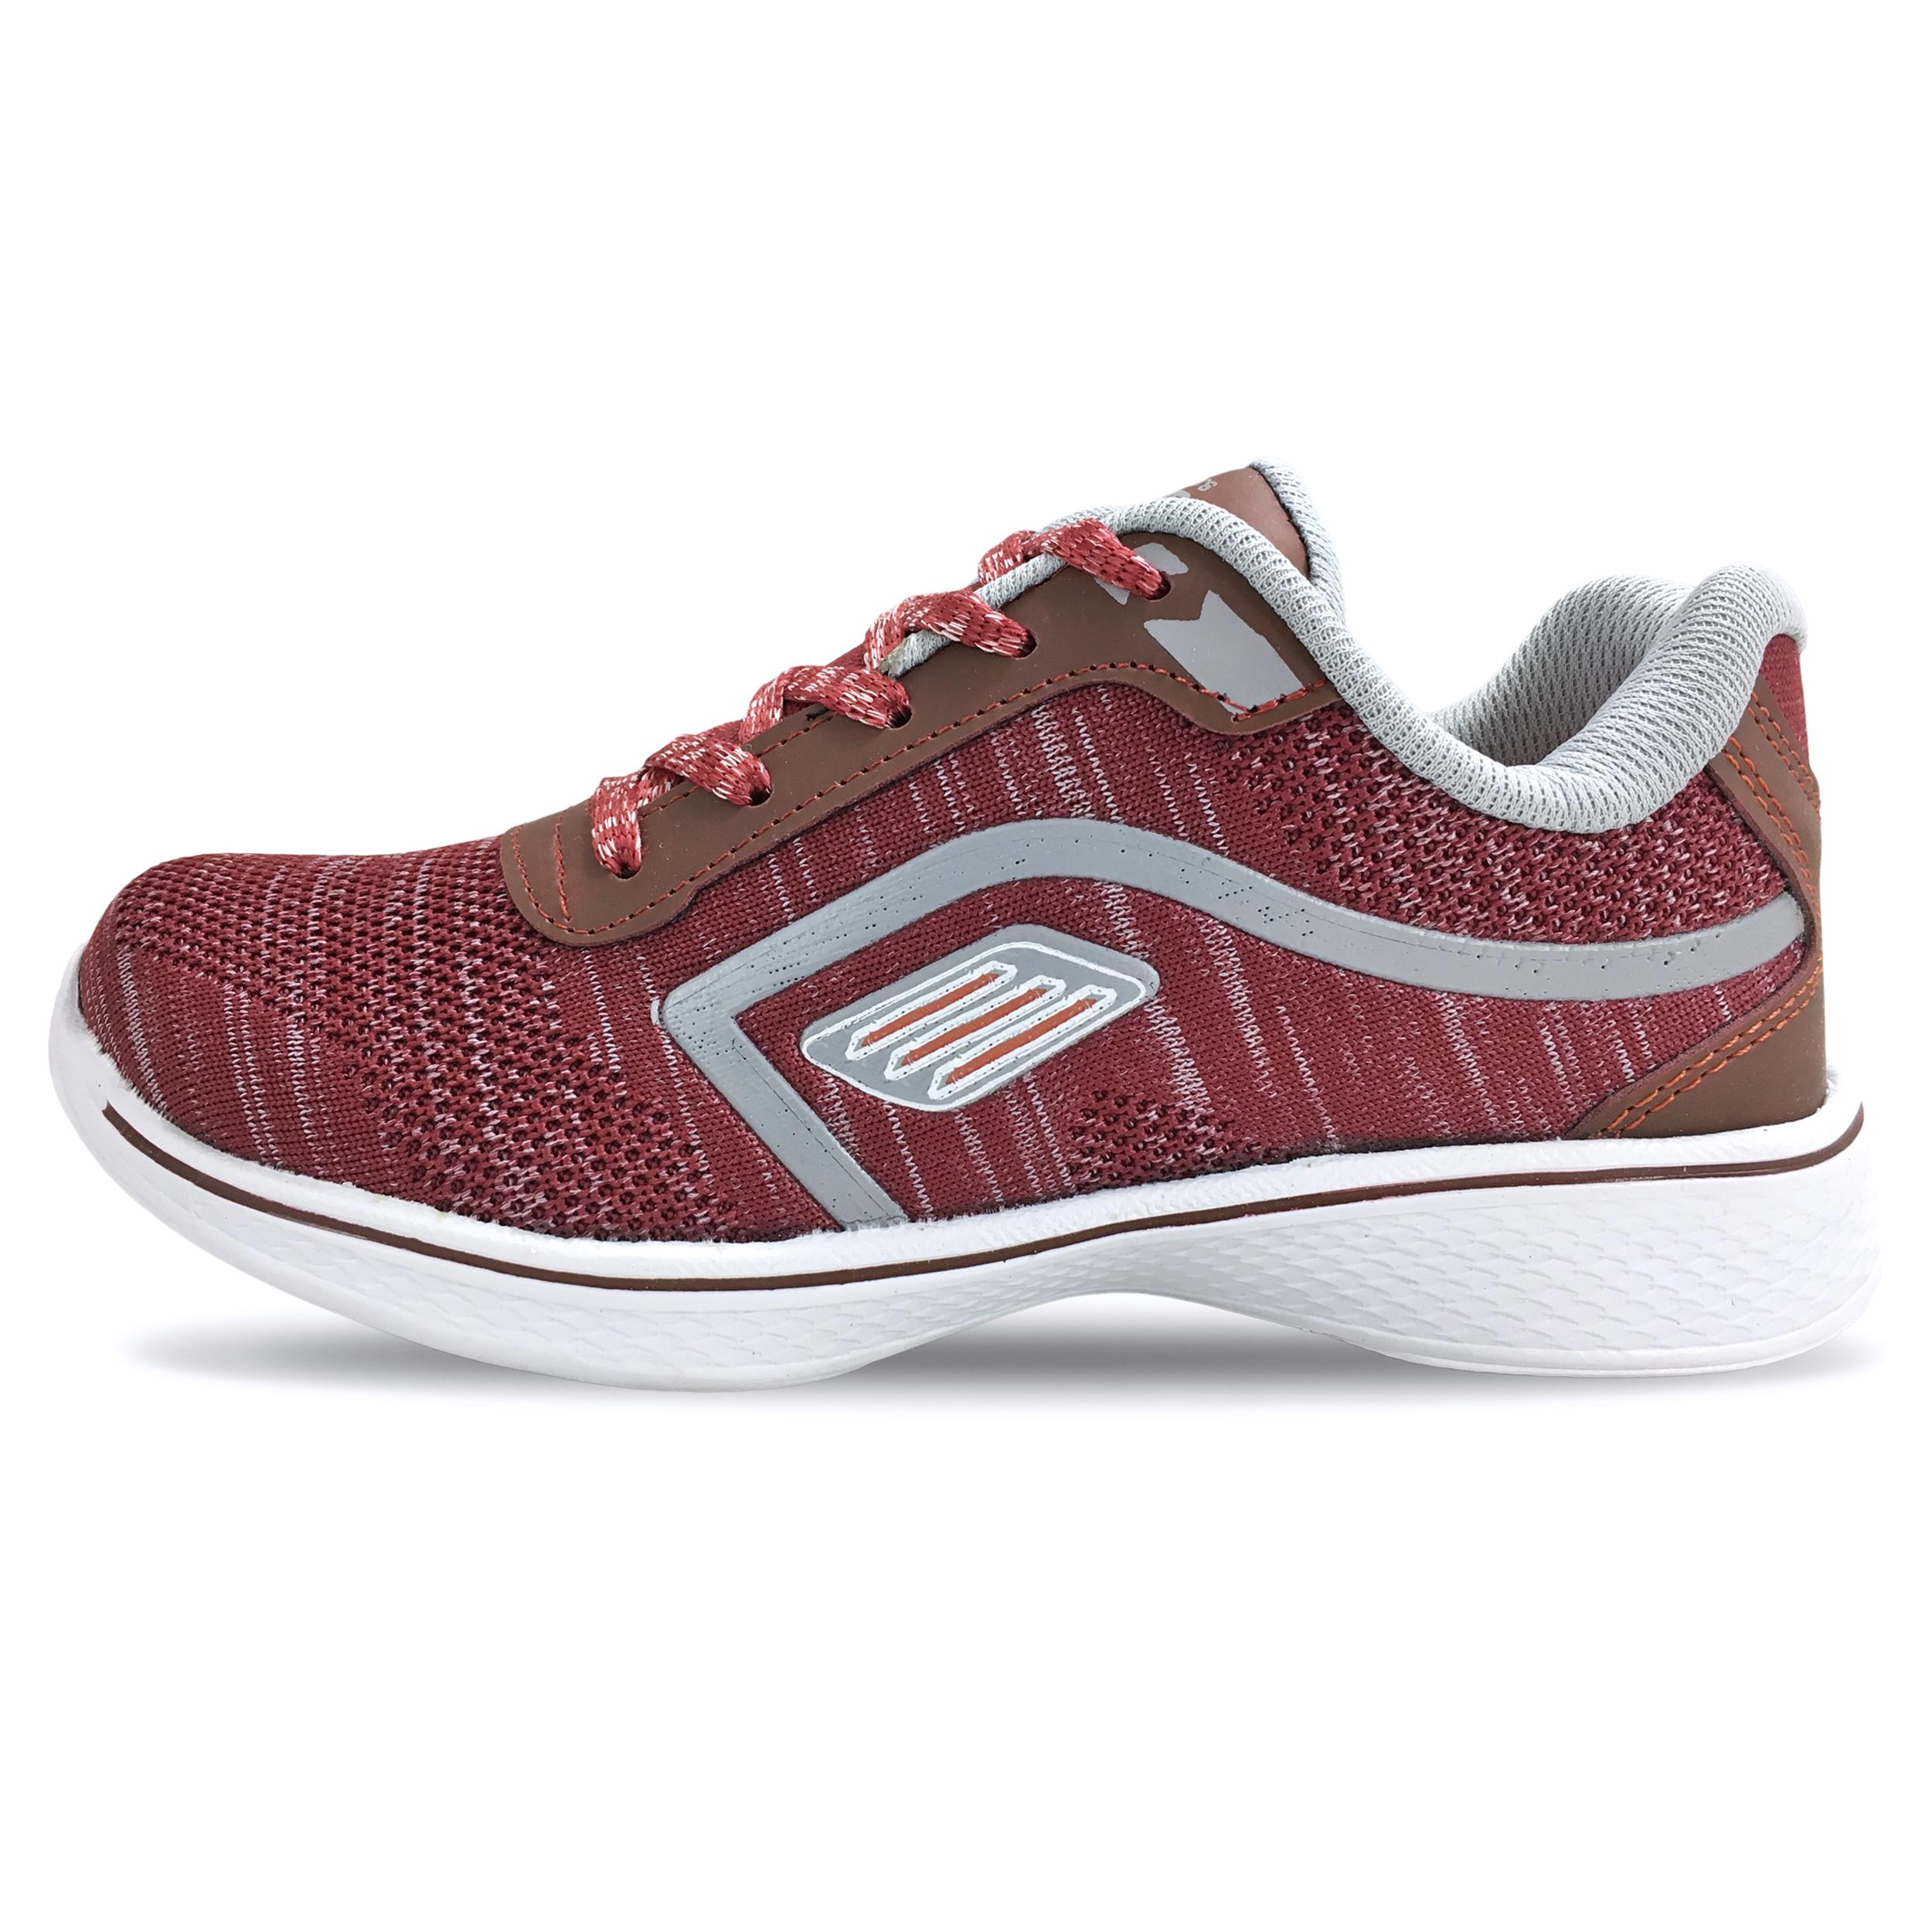 کفش مخصوص پیاده روی زنانه نسیم مدل اسکات کد A214